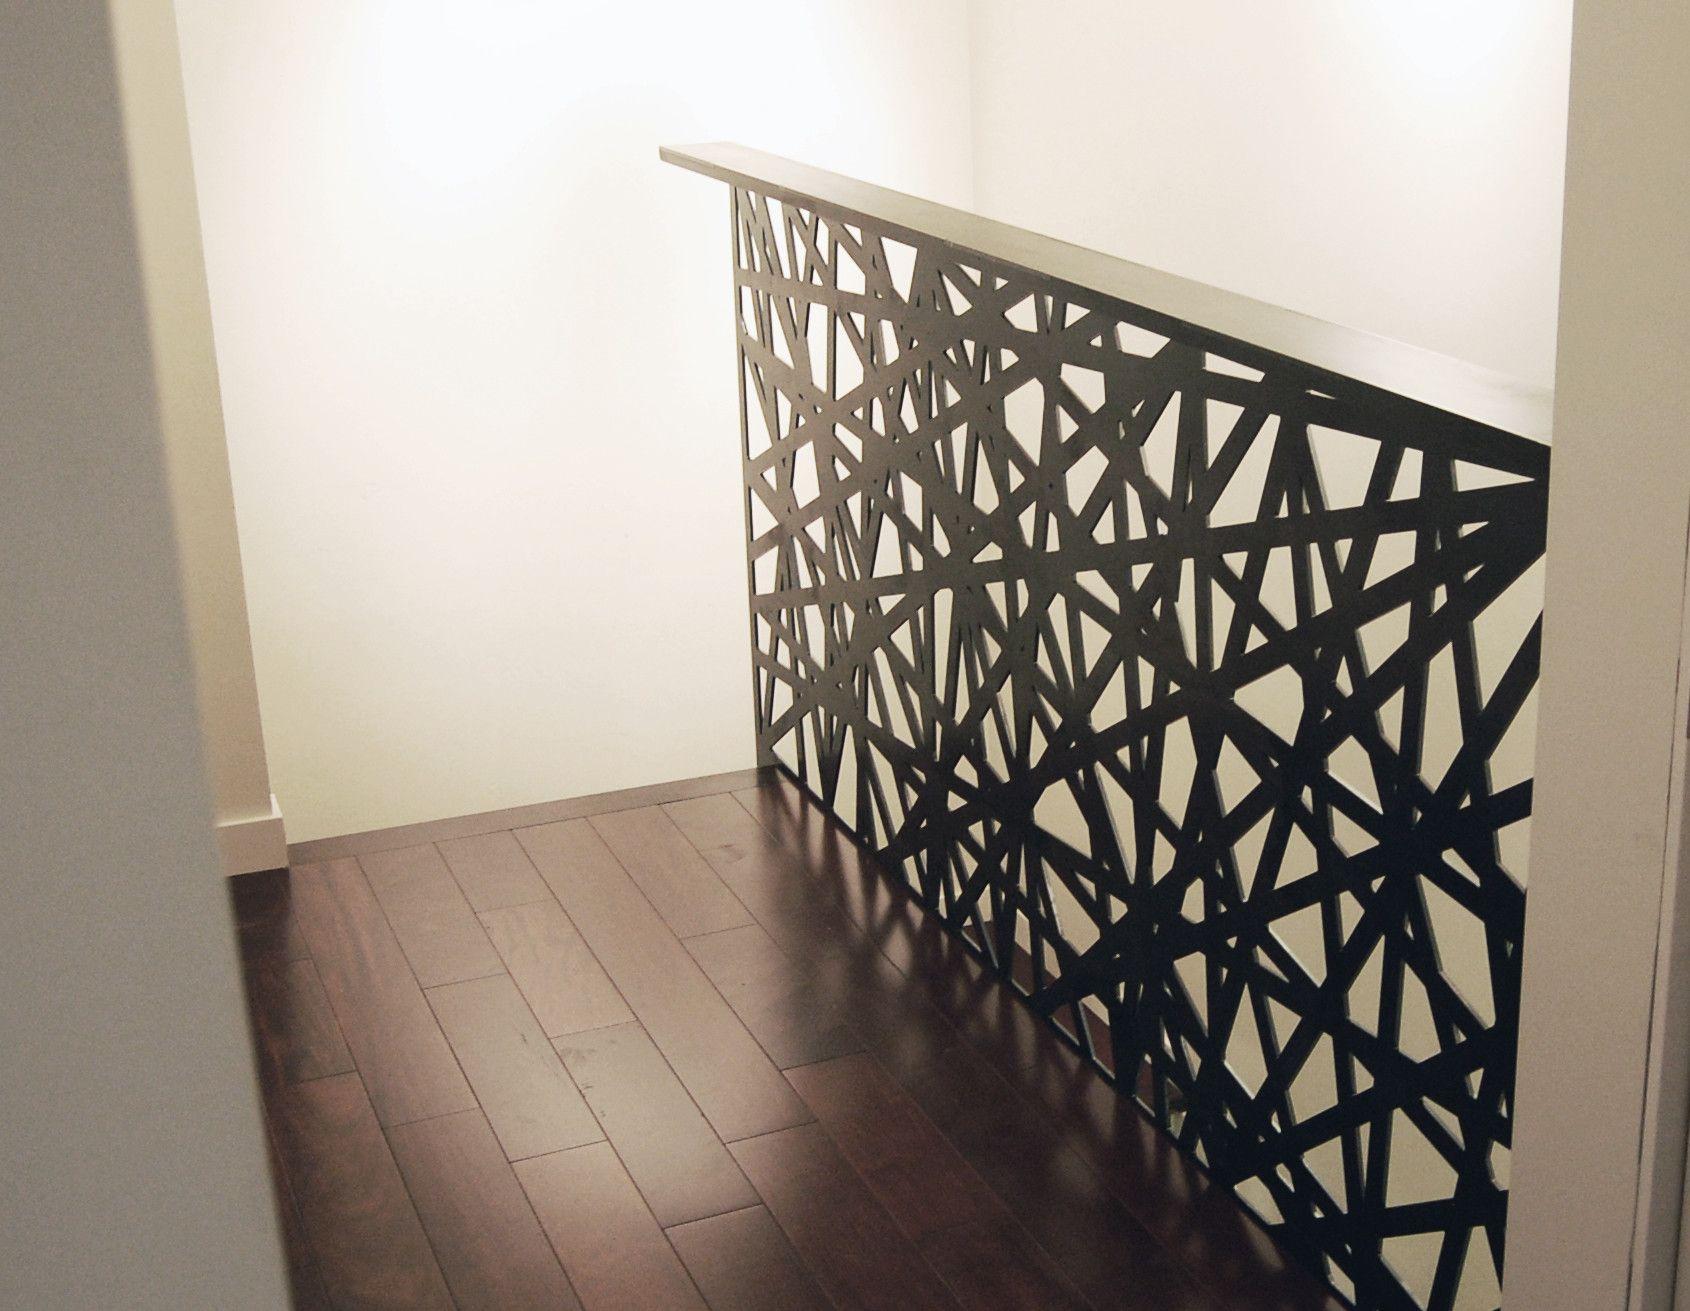 garde corps acier feuille acier pliage d coupe laser motif fabrication beau deisgn. Black Bedroom Furniture Sets. Home Design Ideas